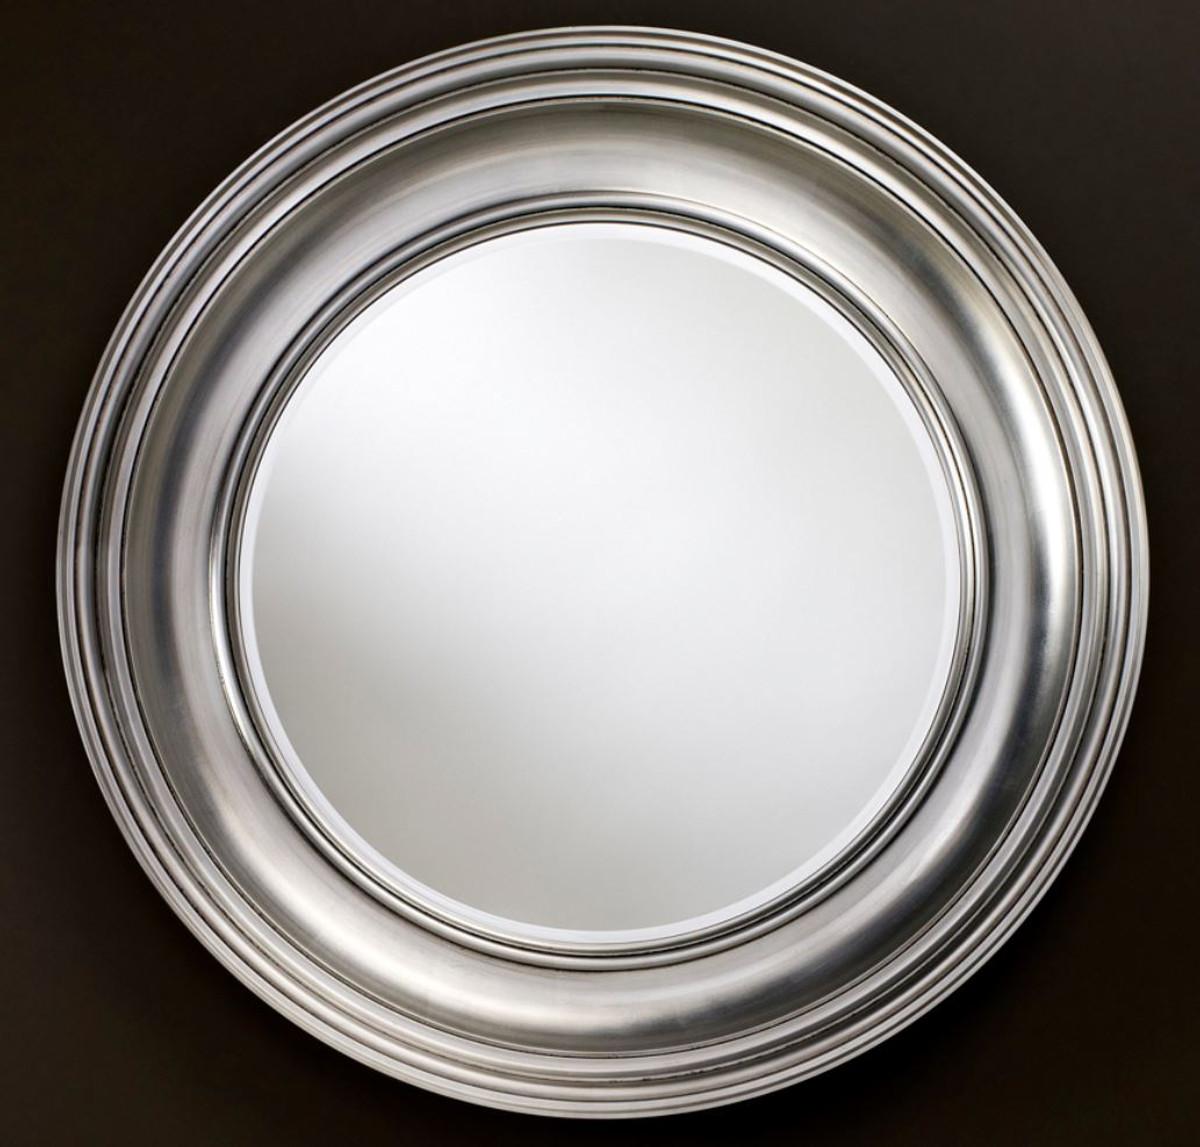 Casa Padrino Luxus Wohnzimmer Spiegel Silber O 102 Cm